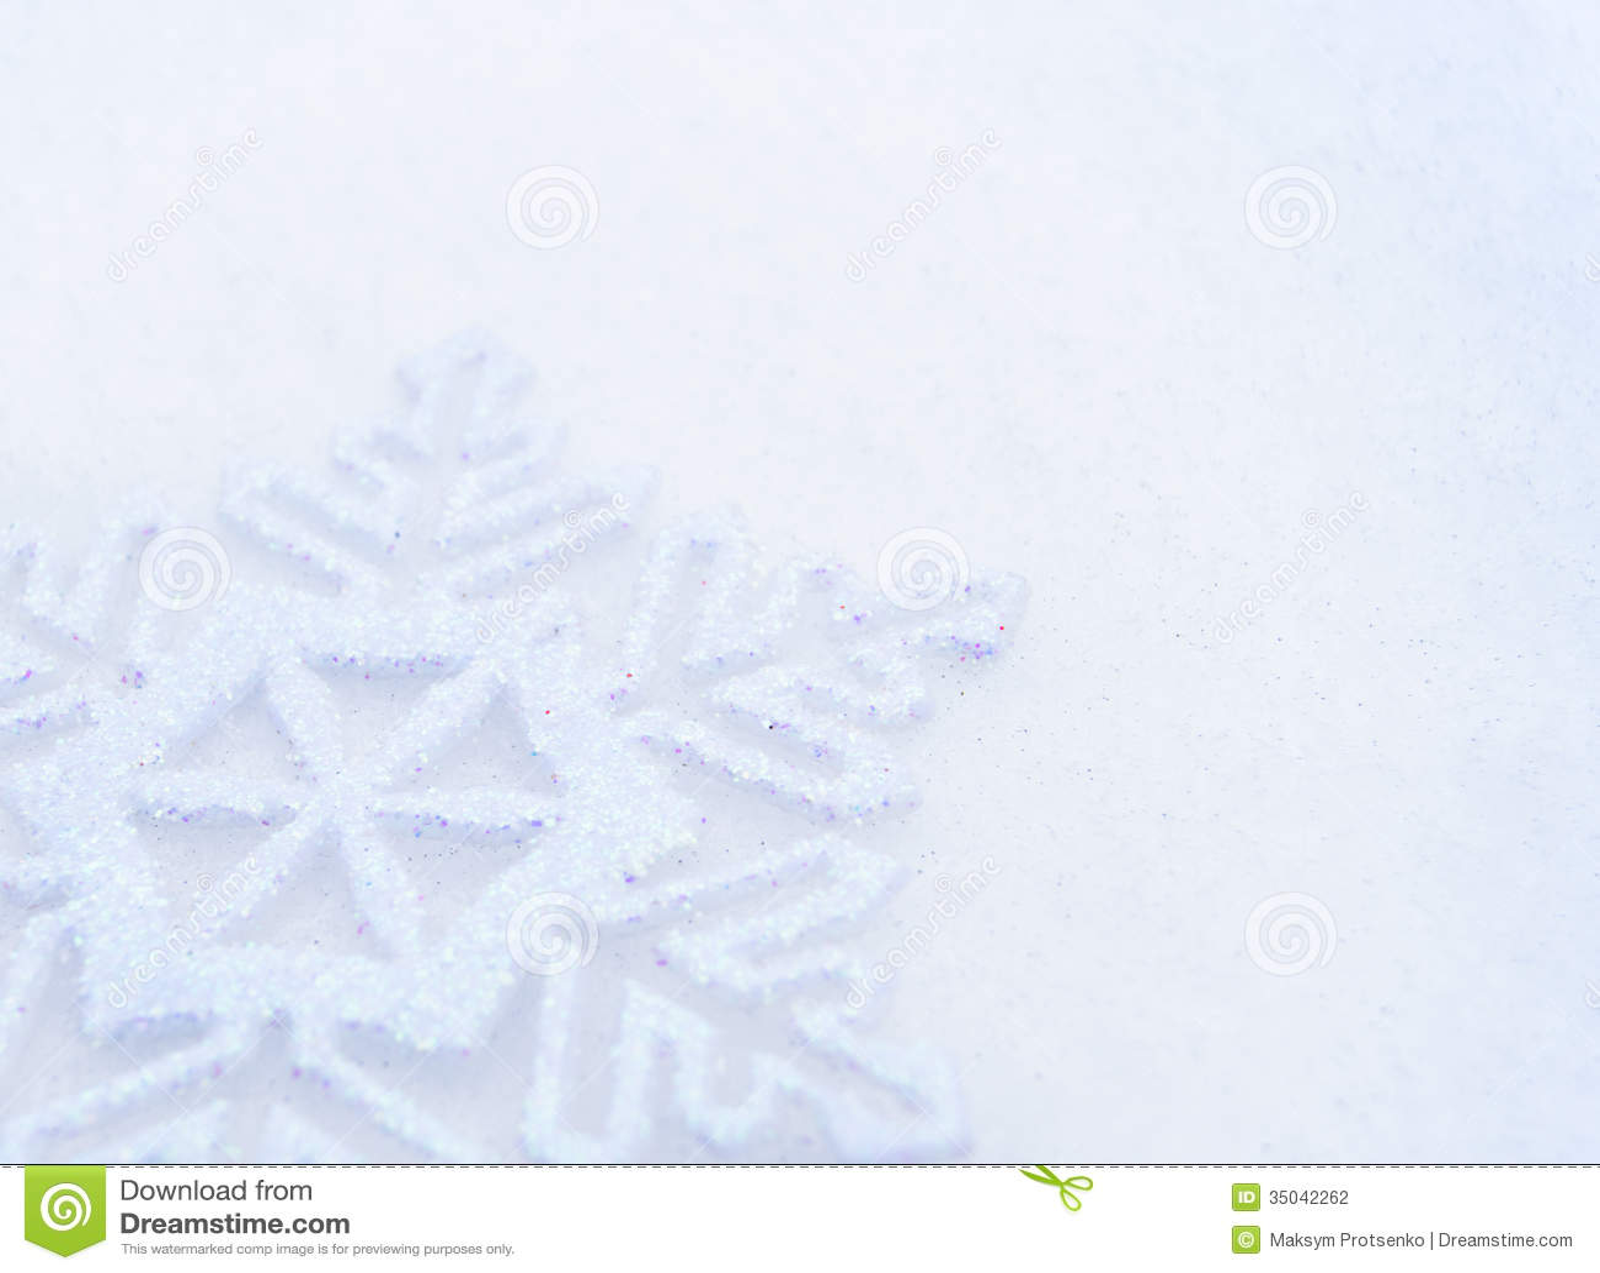 Weihnachtshintergrund mit schöner Schneeflocke auf dem Schnee